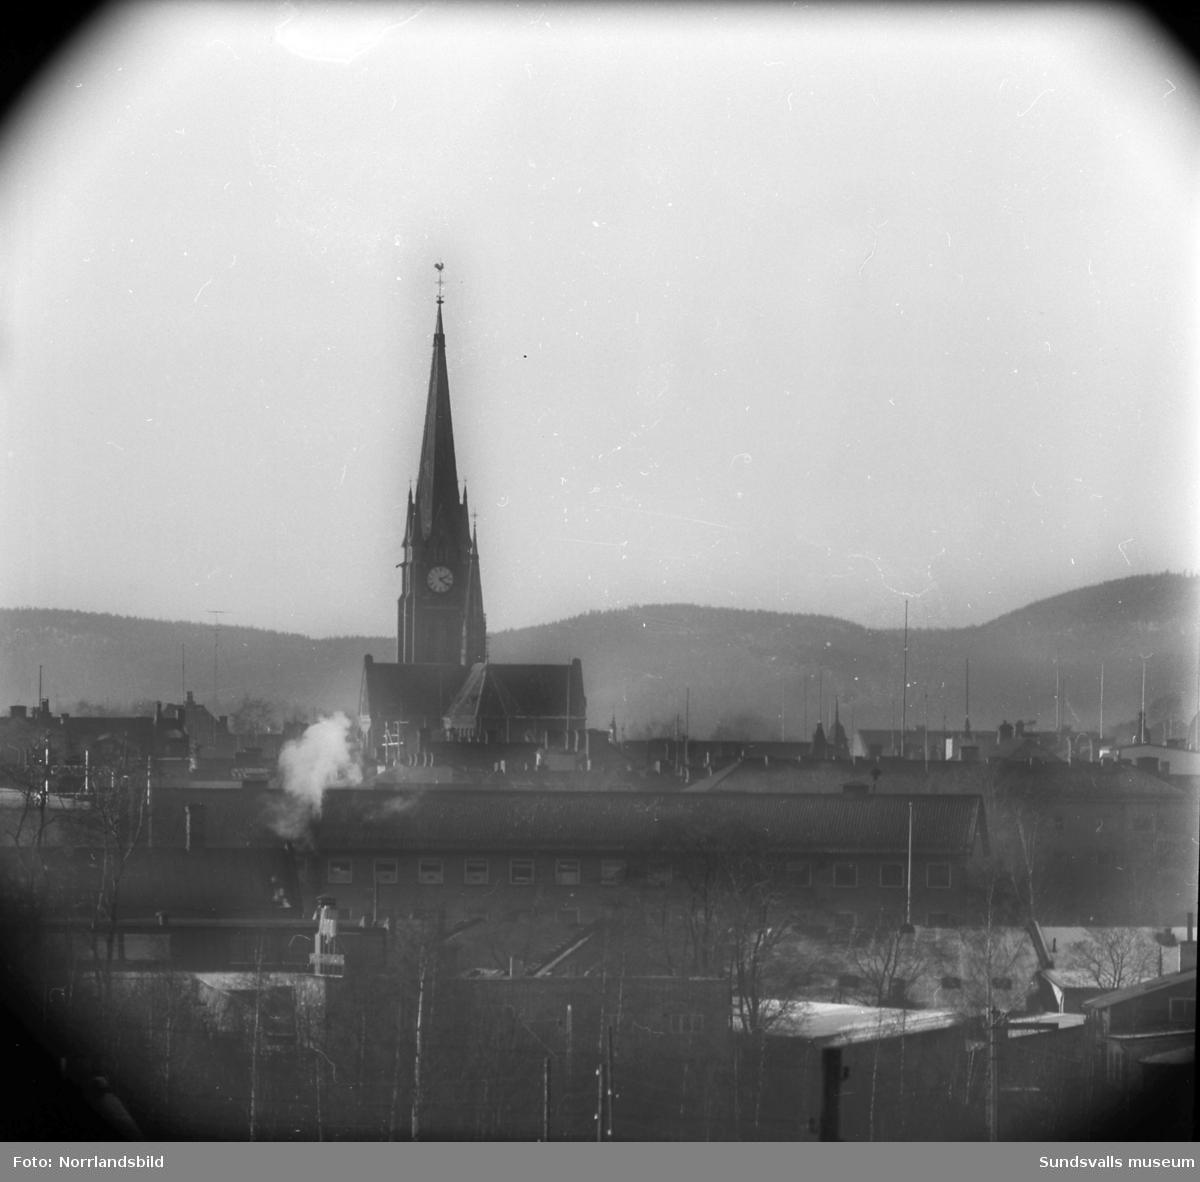 Gustav Adolfs kyrka i Sundsvall, telebild tagen från Kubikenborg.